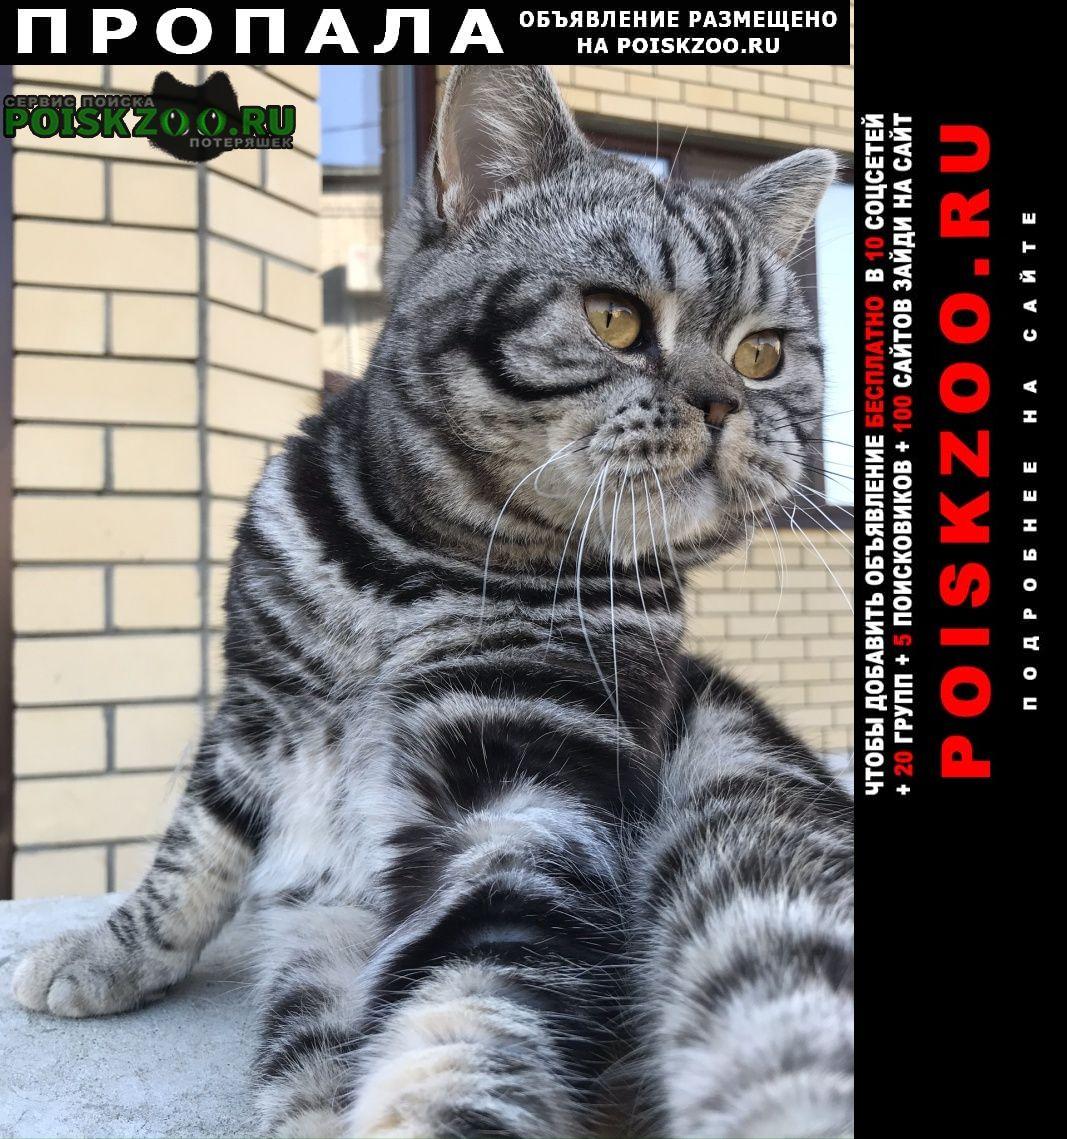 Волгоград Пропал кот шотландец